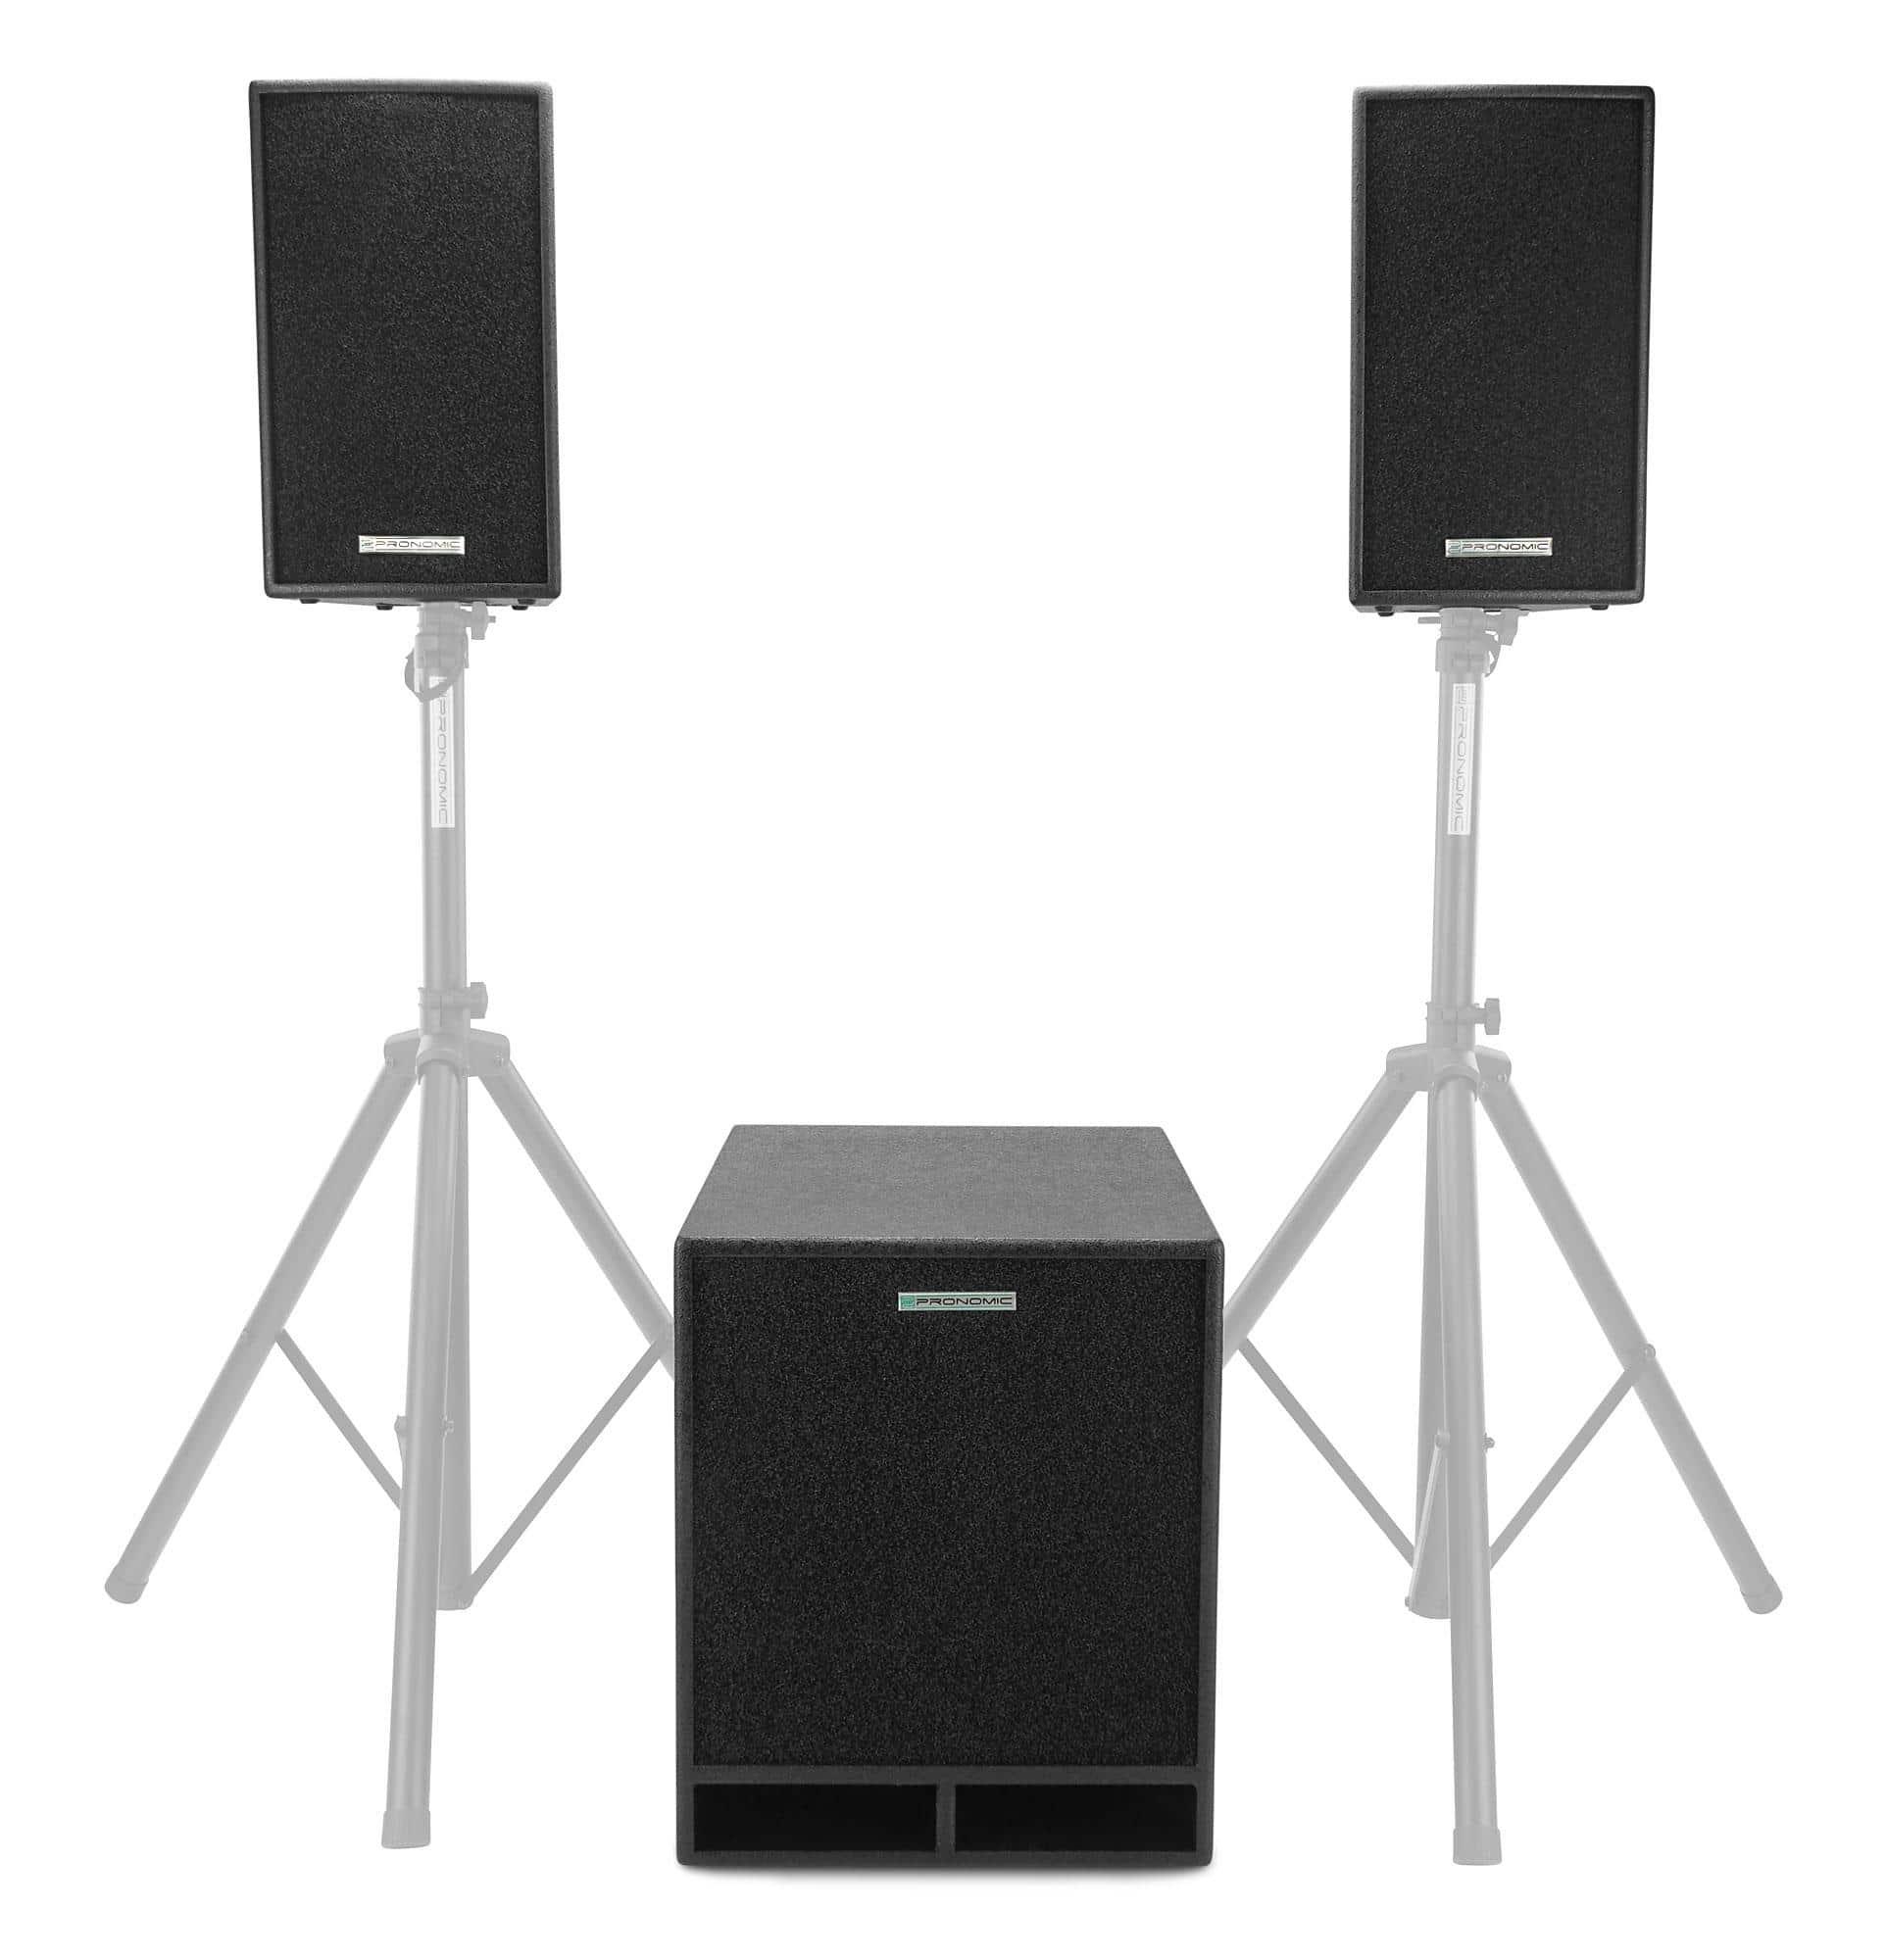 pronomic xl 3d aktiv system. Black Bedroom Furniture Sets. Home Design Ideas